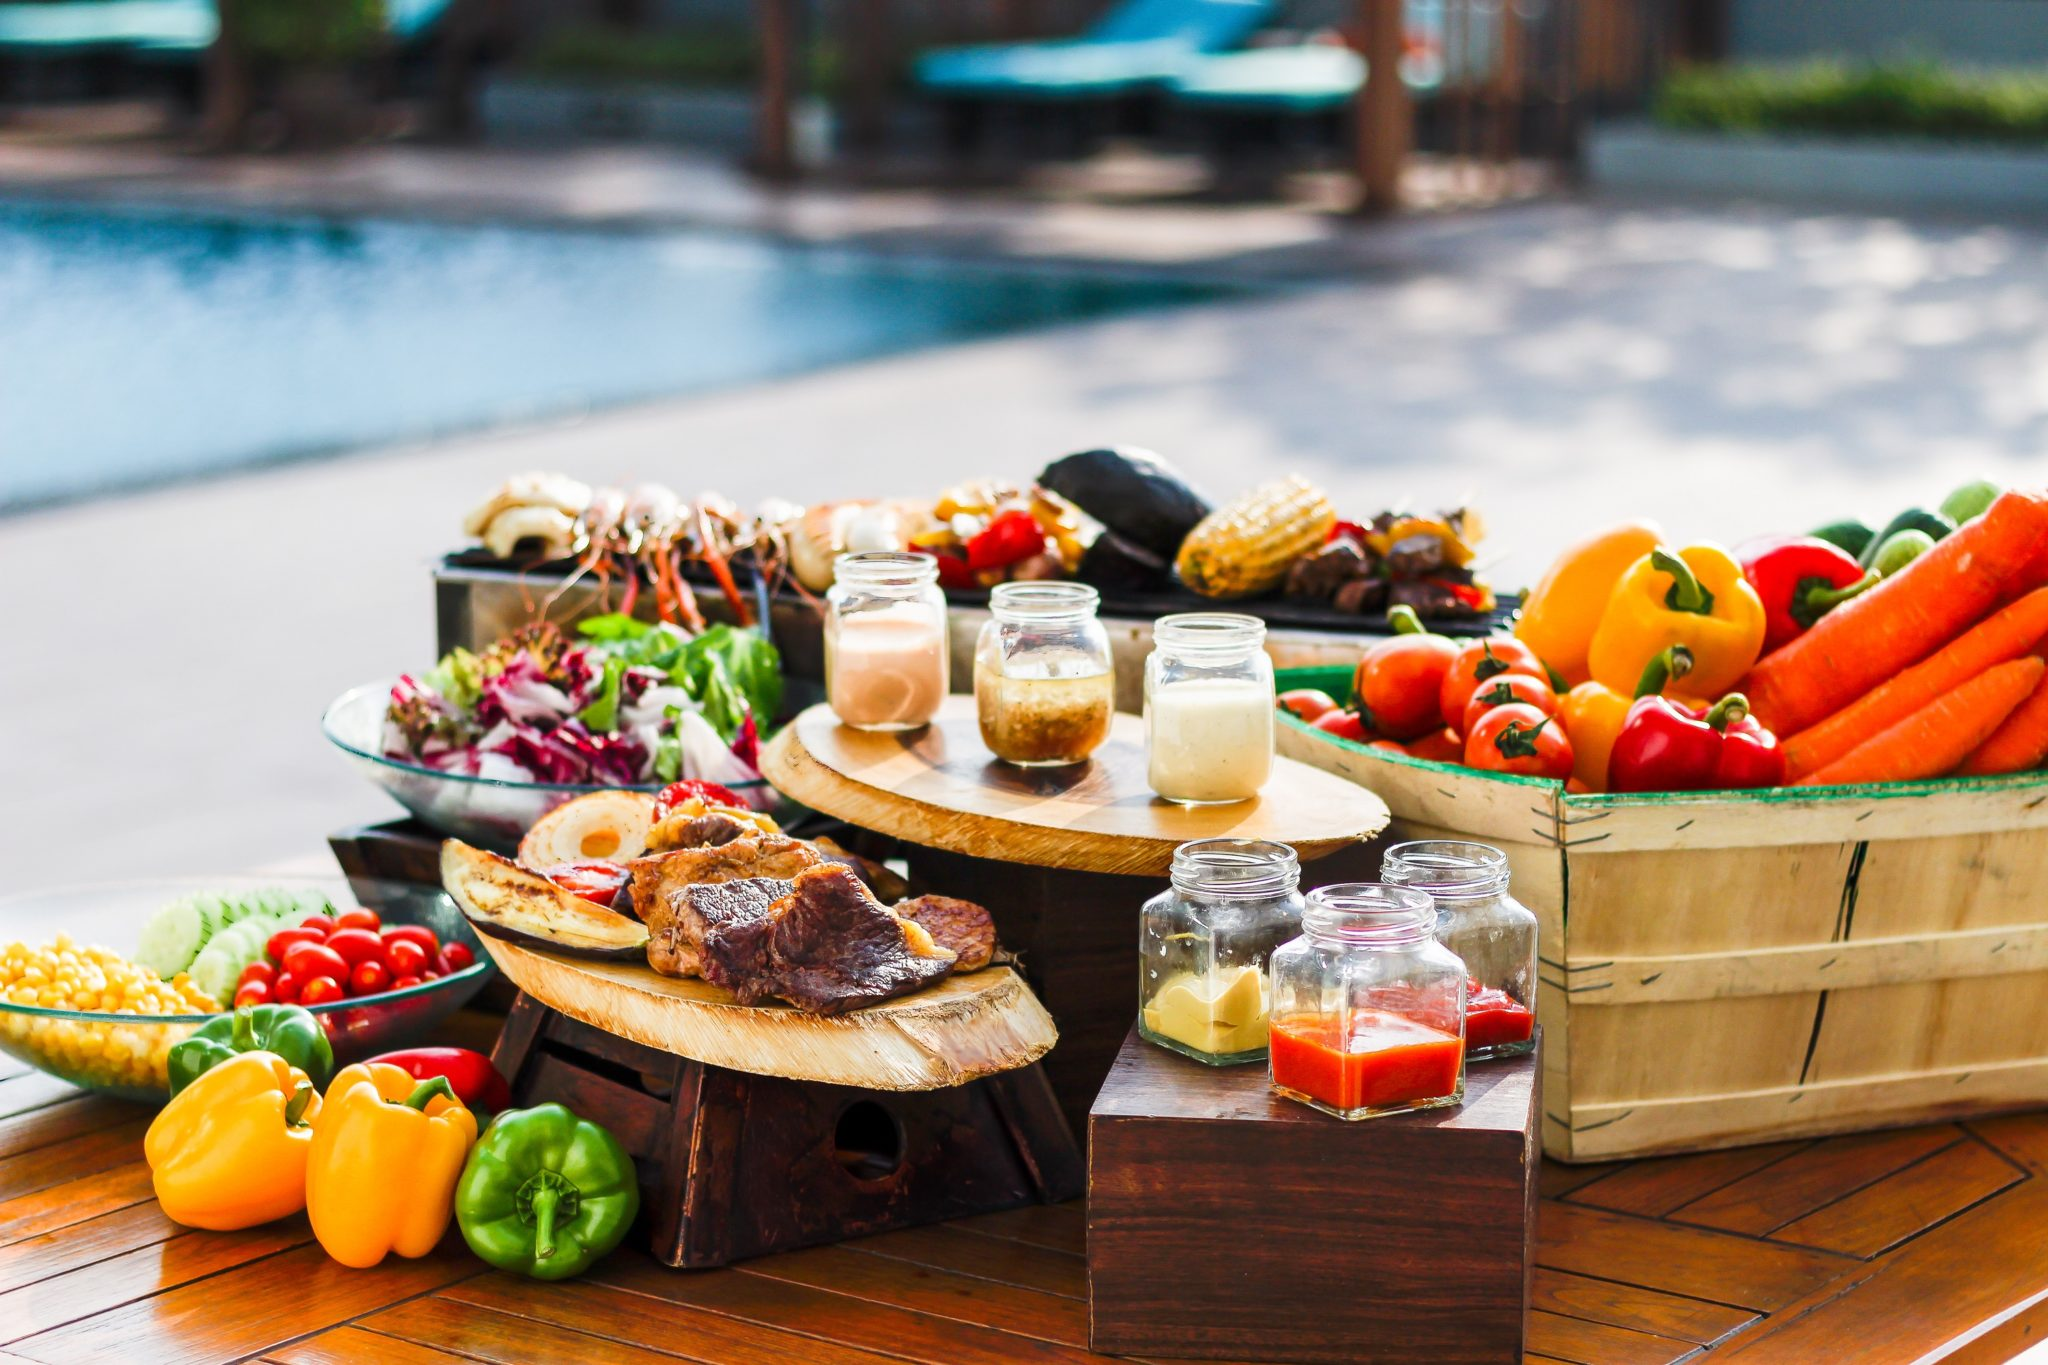 อิ่มอร่อยคลายร้อน กับบาร์บีคิวปาร์ตี้ ริมสระ ณ โรงแรมสวิสโฮเต็ล กรุงเทพฯ รัชดา 13 -